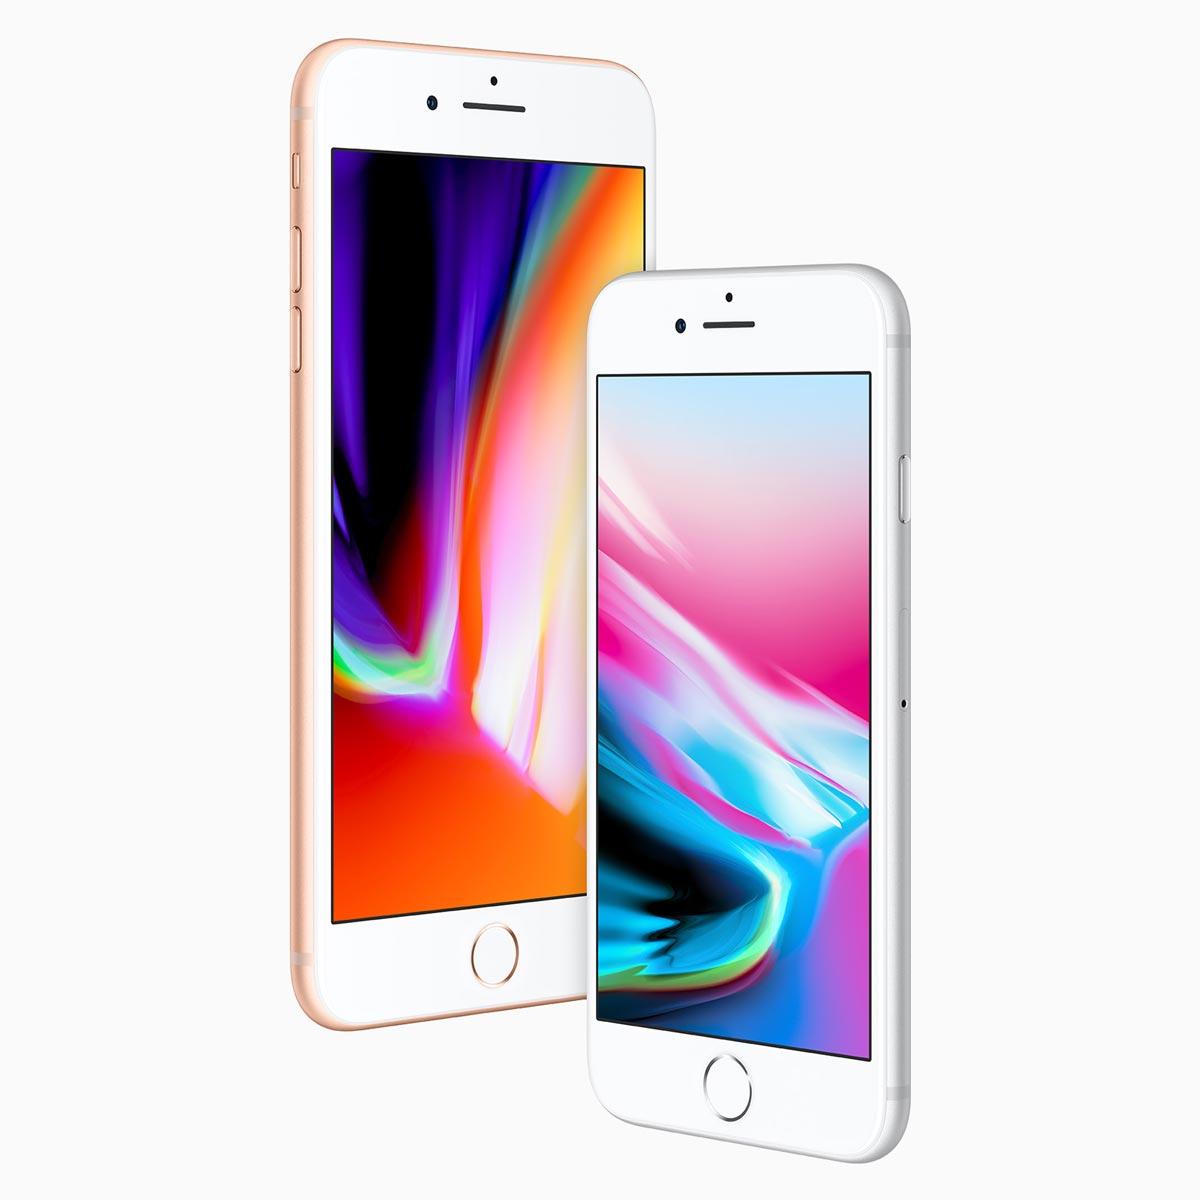 「安くiPhoneを買いたい」人のための、格安iPhone情報まとめ(2019年4月更新)